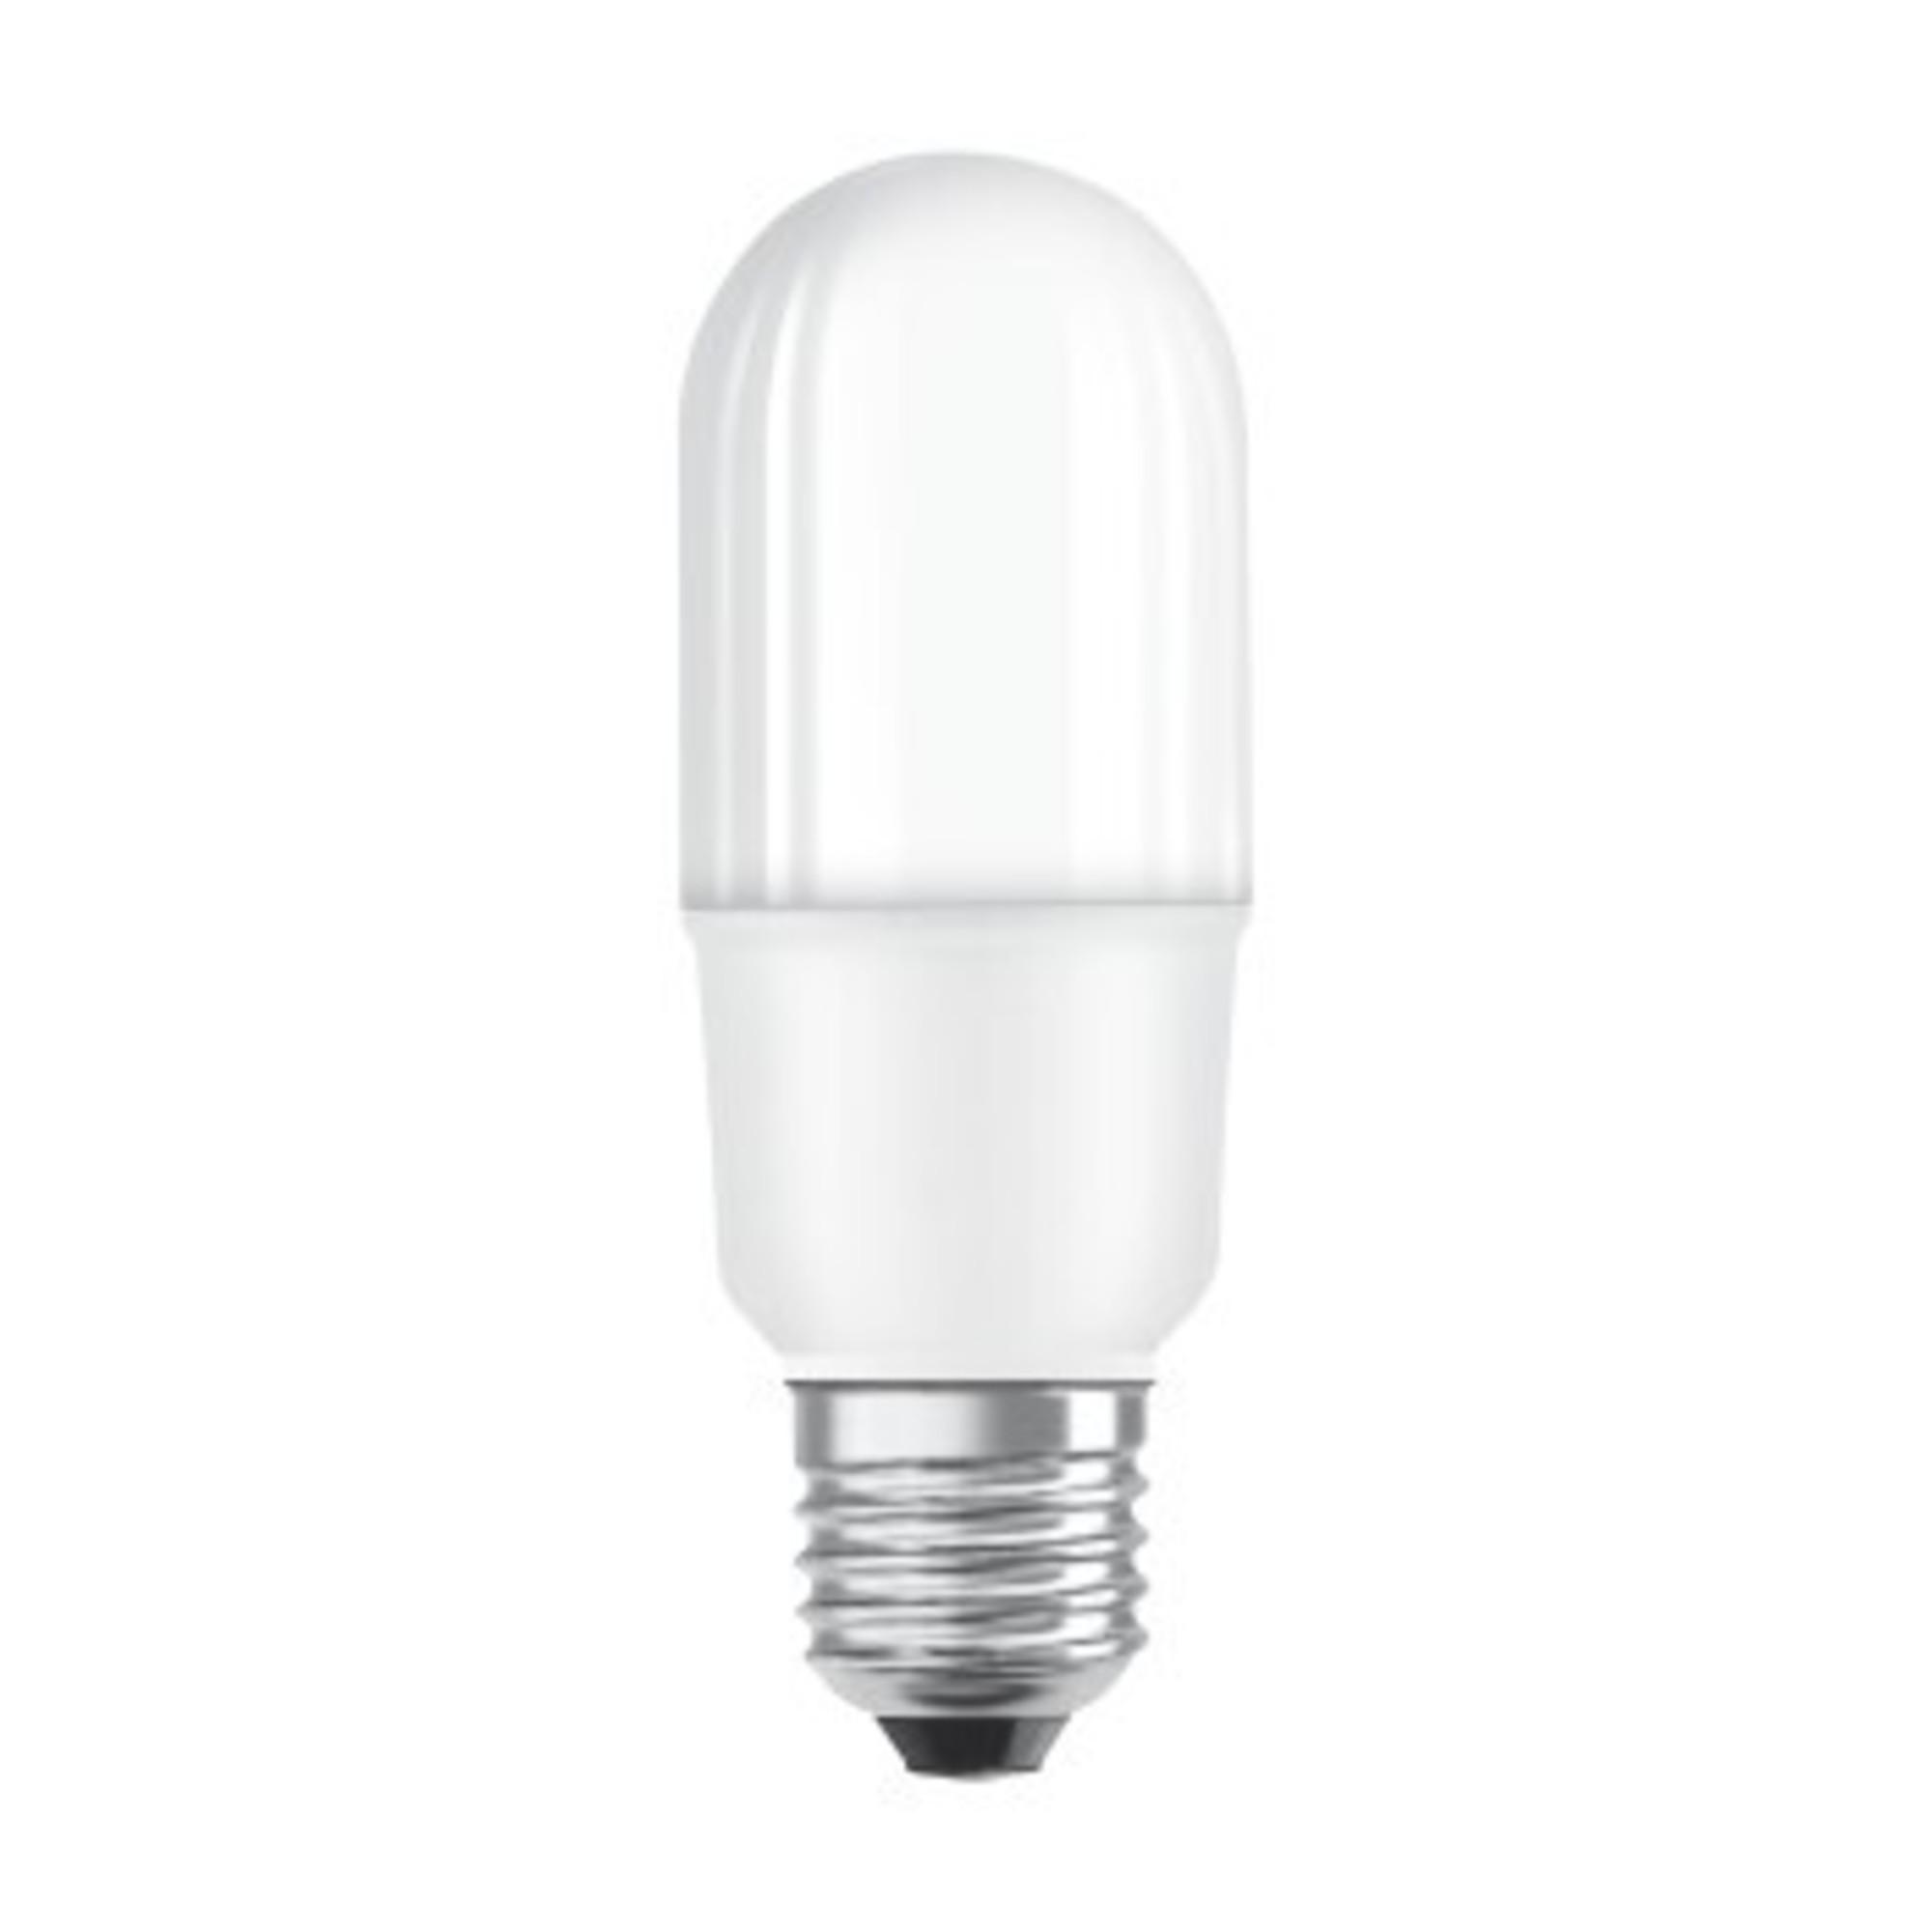 Лампа светодиодная Osram E27 10 Вт цилиндр матовая 1050 лм тёплый белый свет